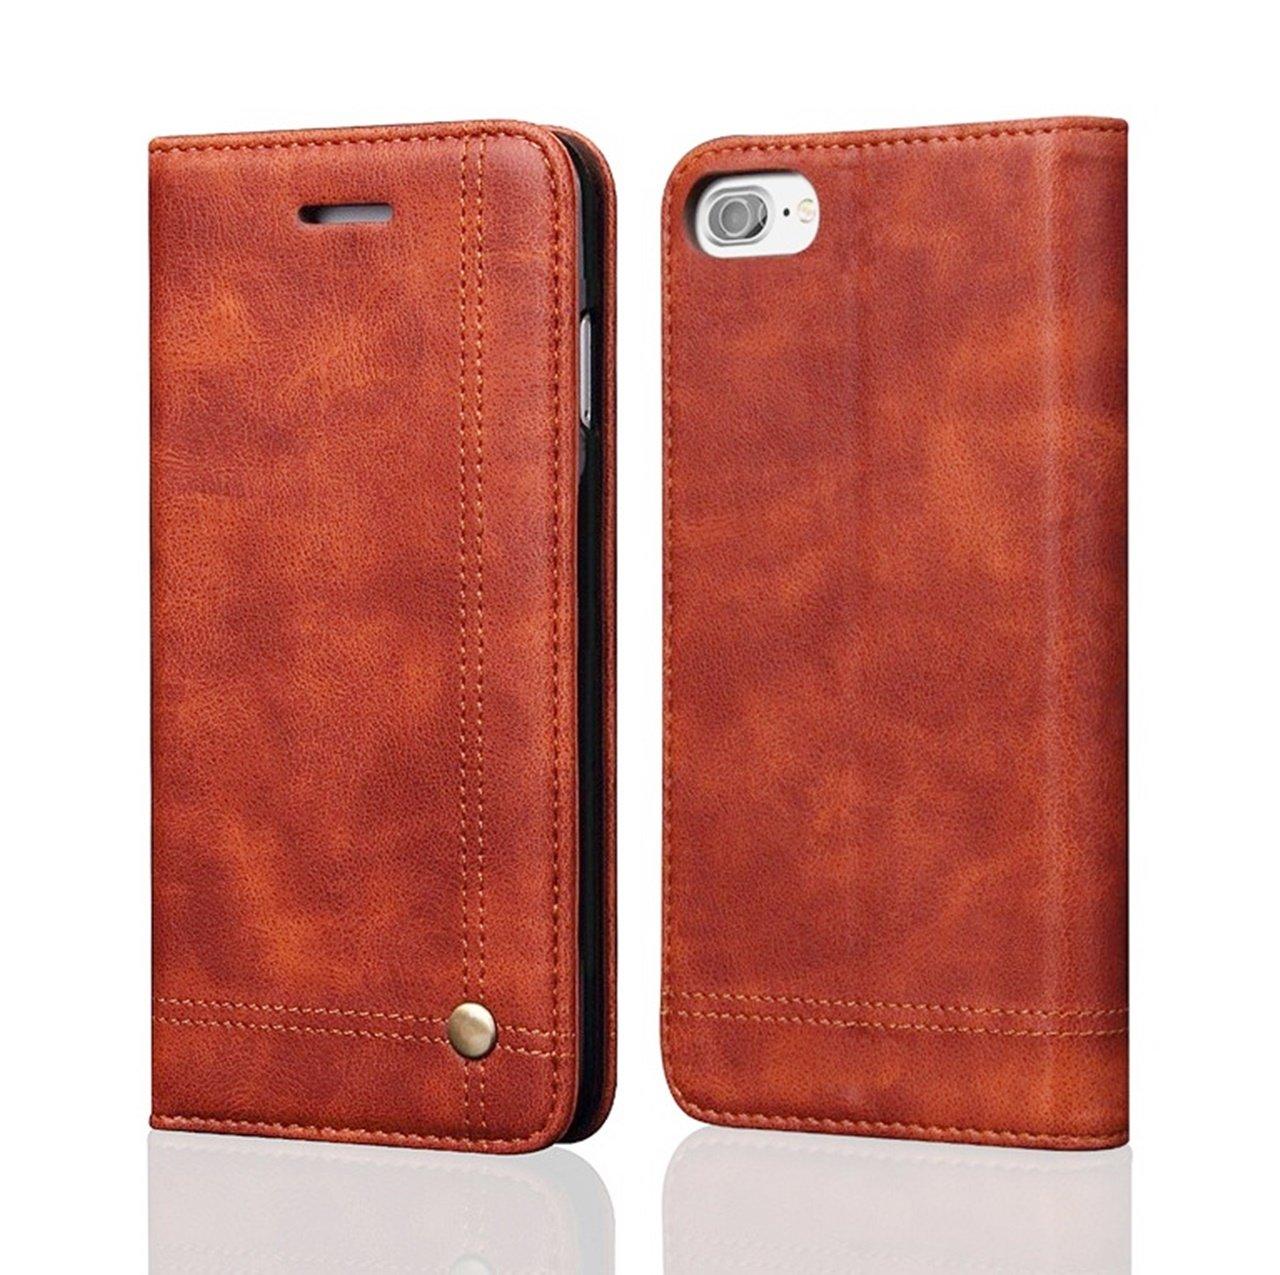 ROEERE iPhone 7 ケース 手帳型 PUレザー カード収納 スタンド機能 マグネット式 アイフォン7 用 カバー (ライトブラウン)の画像